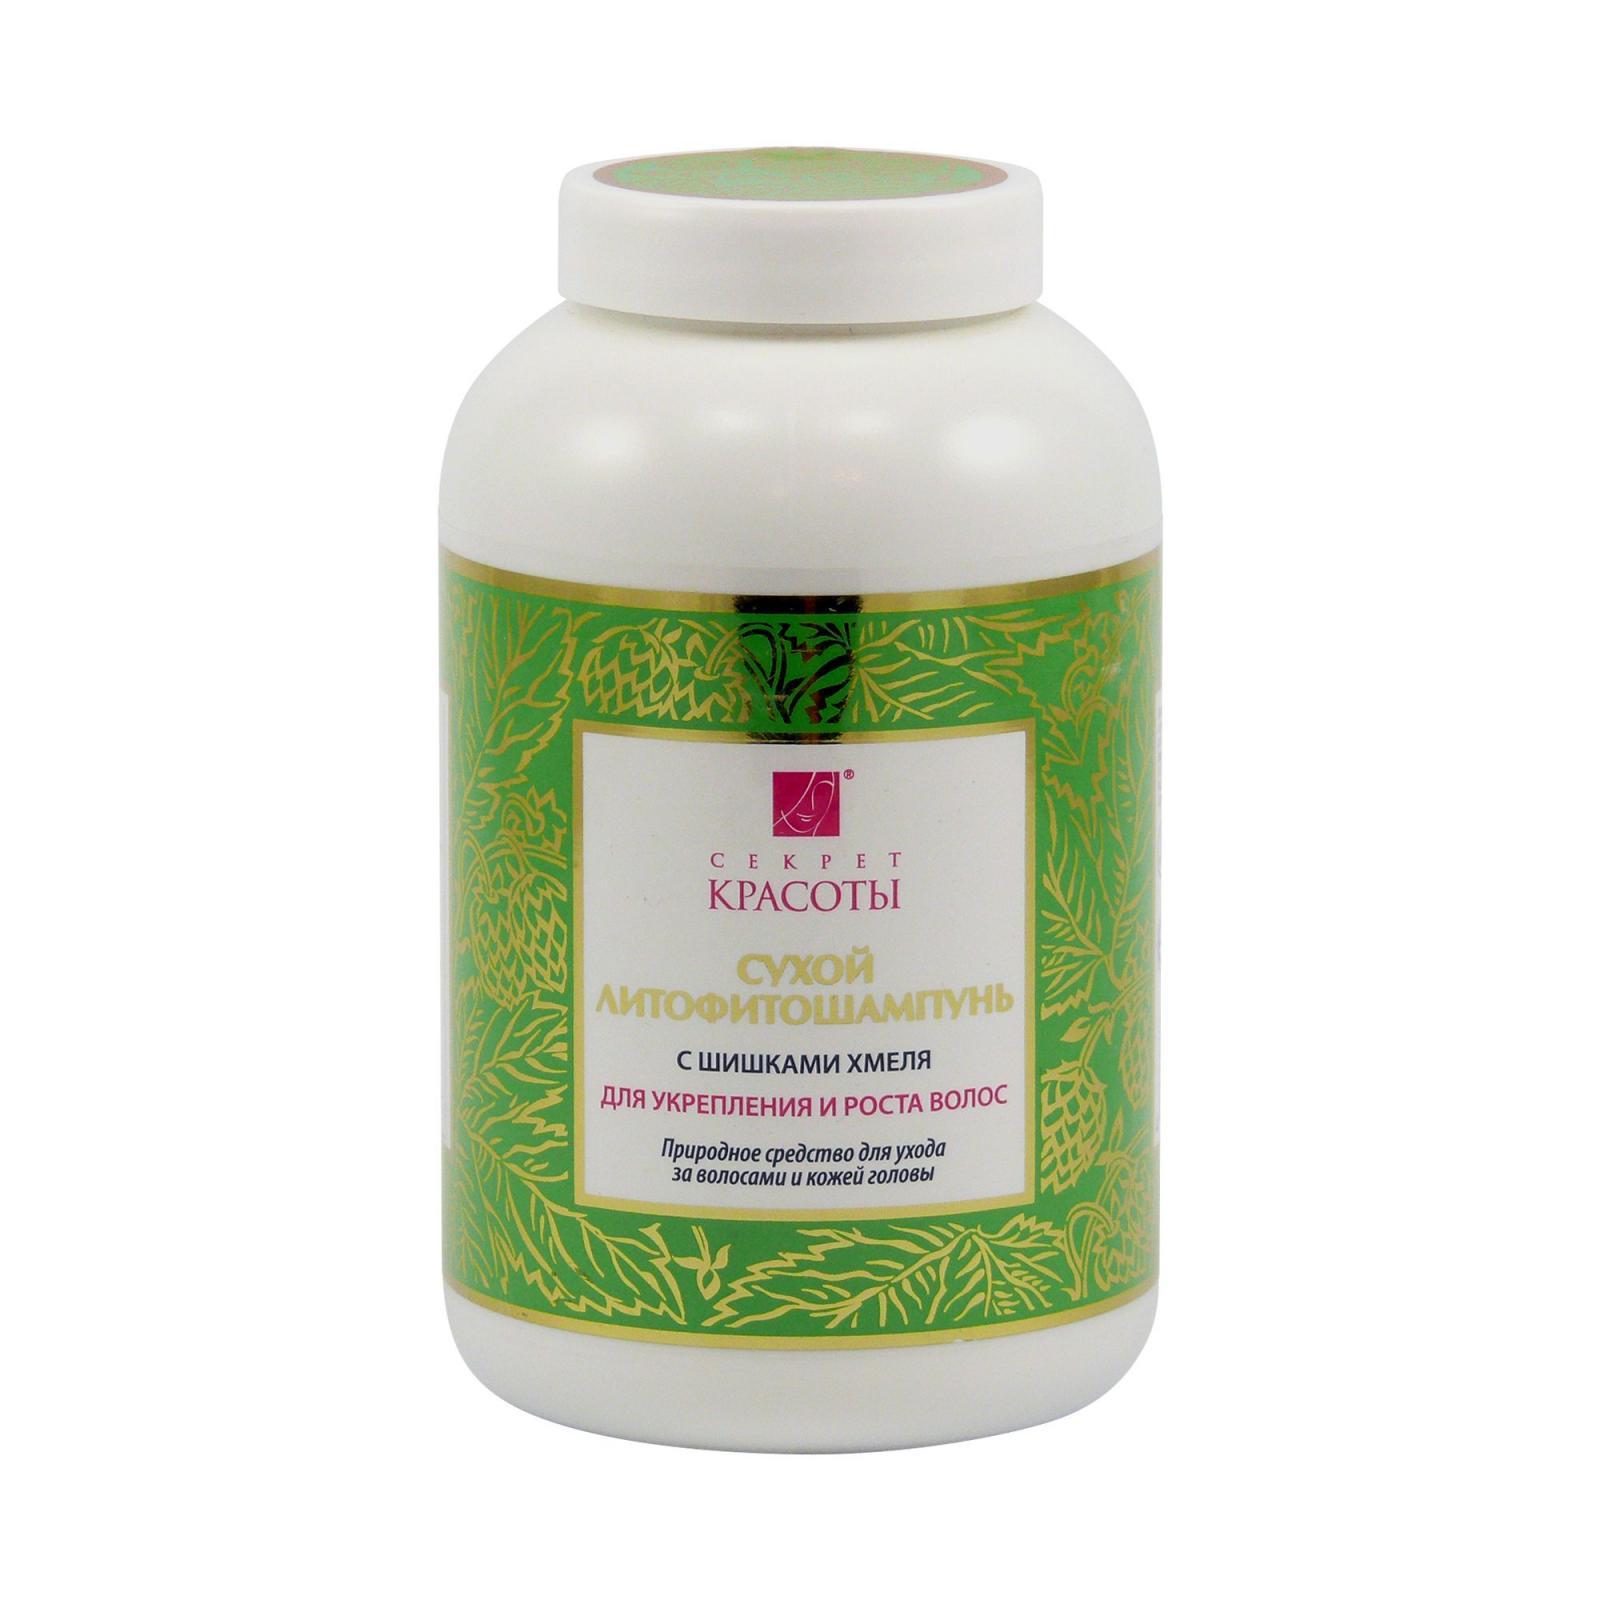 HERBARICA Práškový Litofyto-šampon 1 s šišticemi chmele 250 g